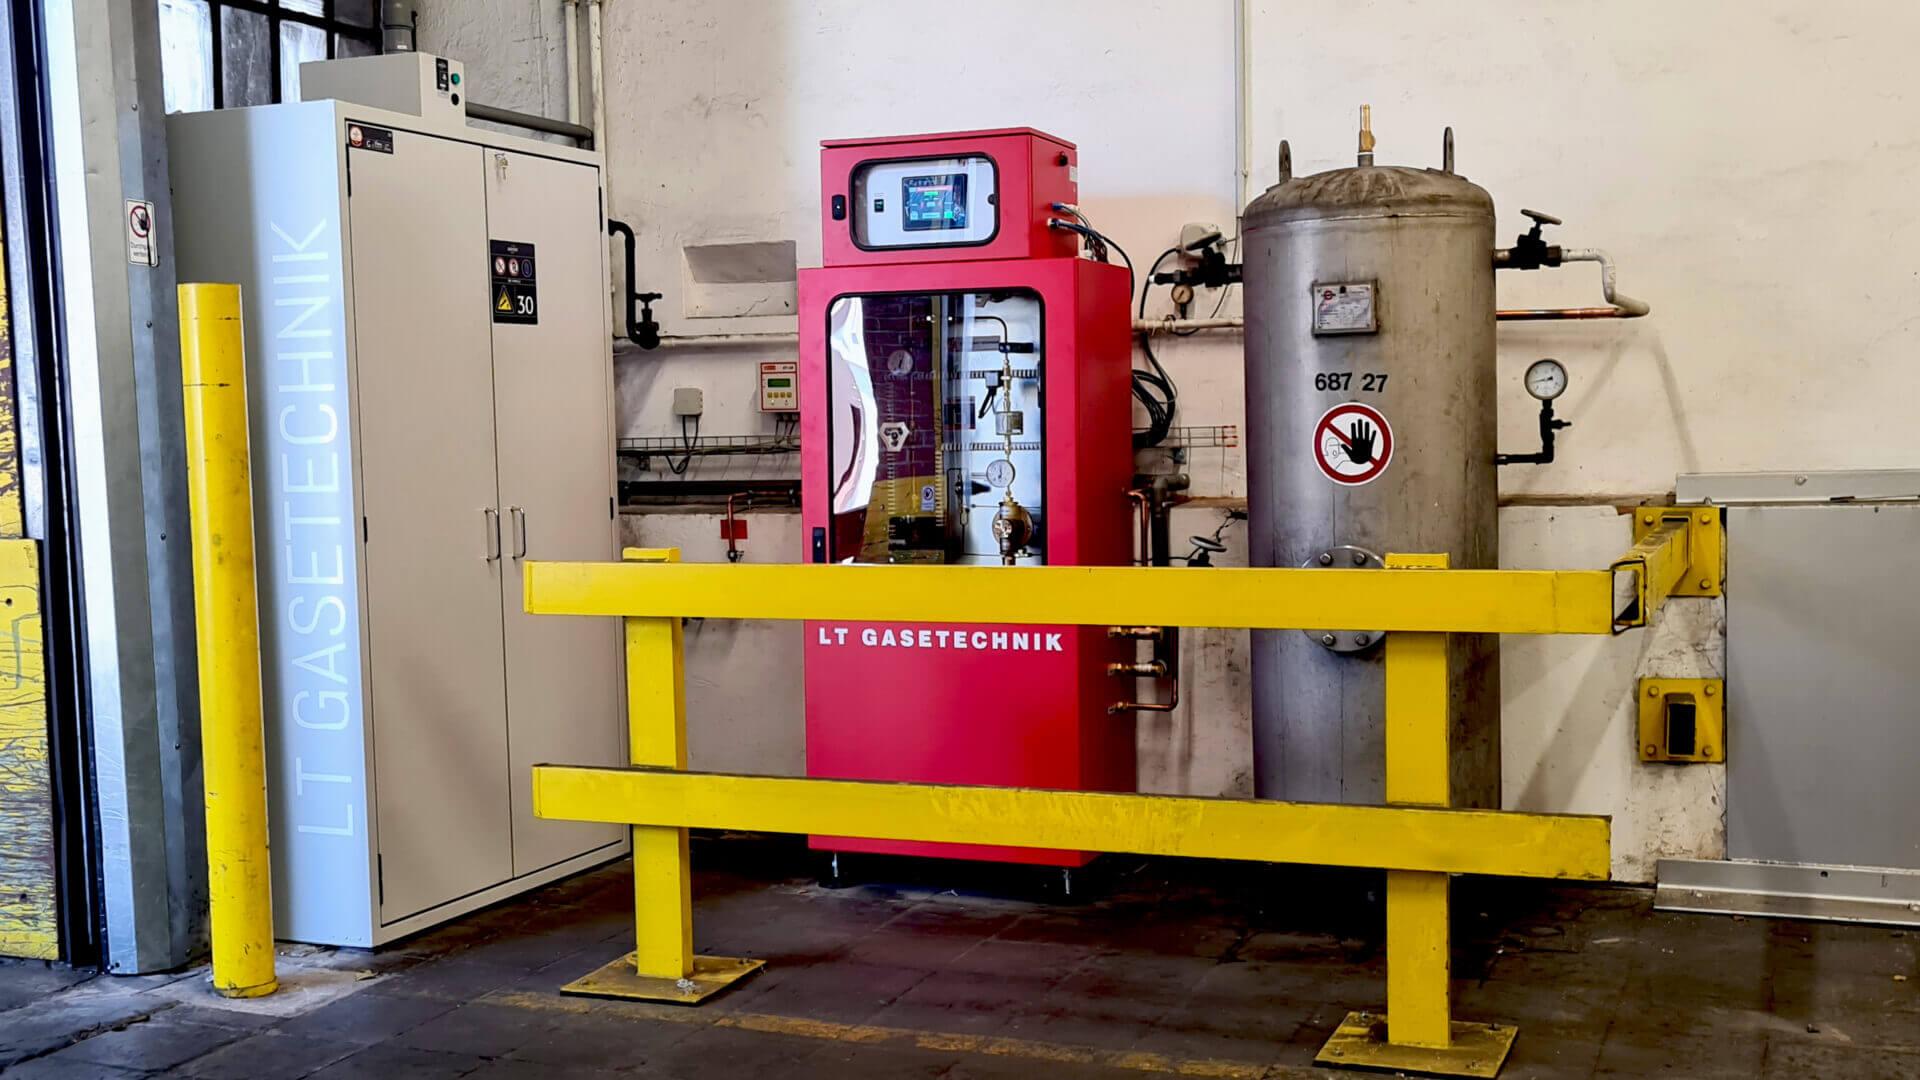 Flaschenschrank mit Gasmischer und altem Druckbehälter